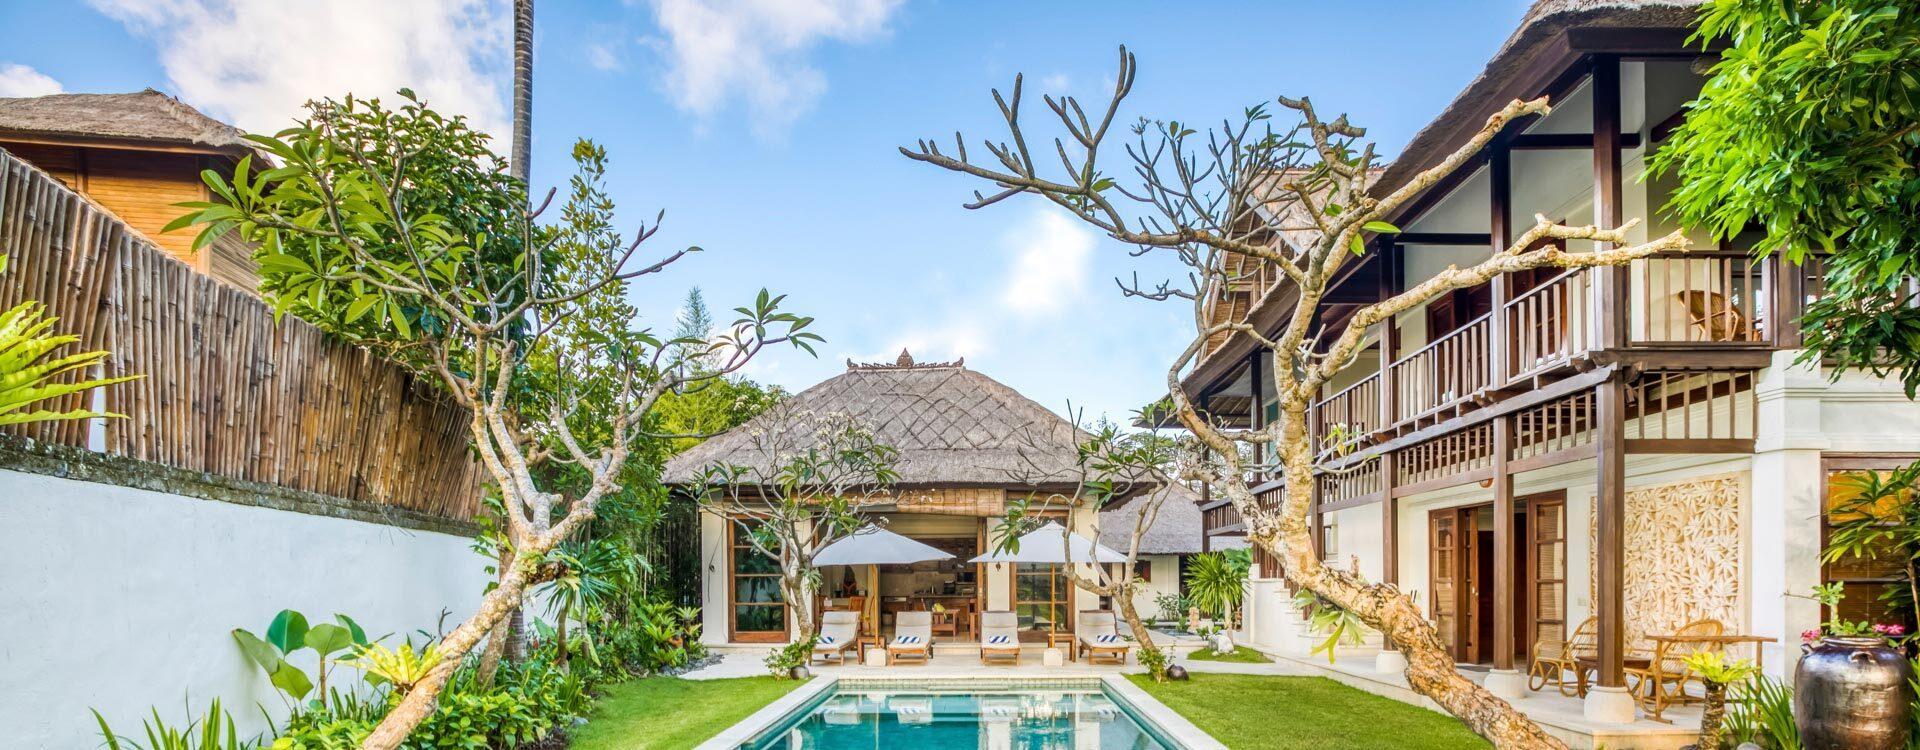 Villa Holidays Luxury Villa Vacation Rentals Agoda